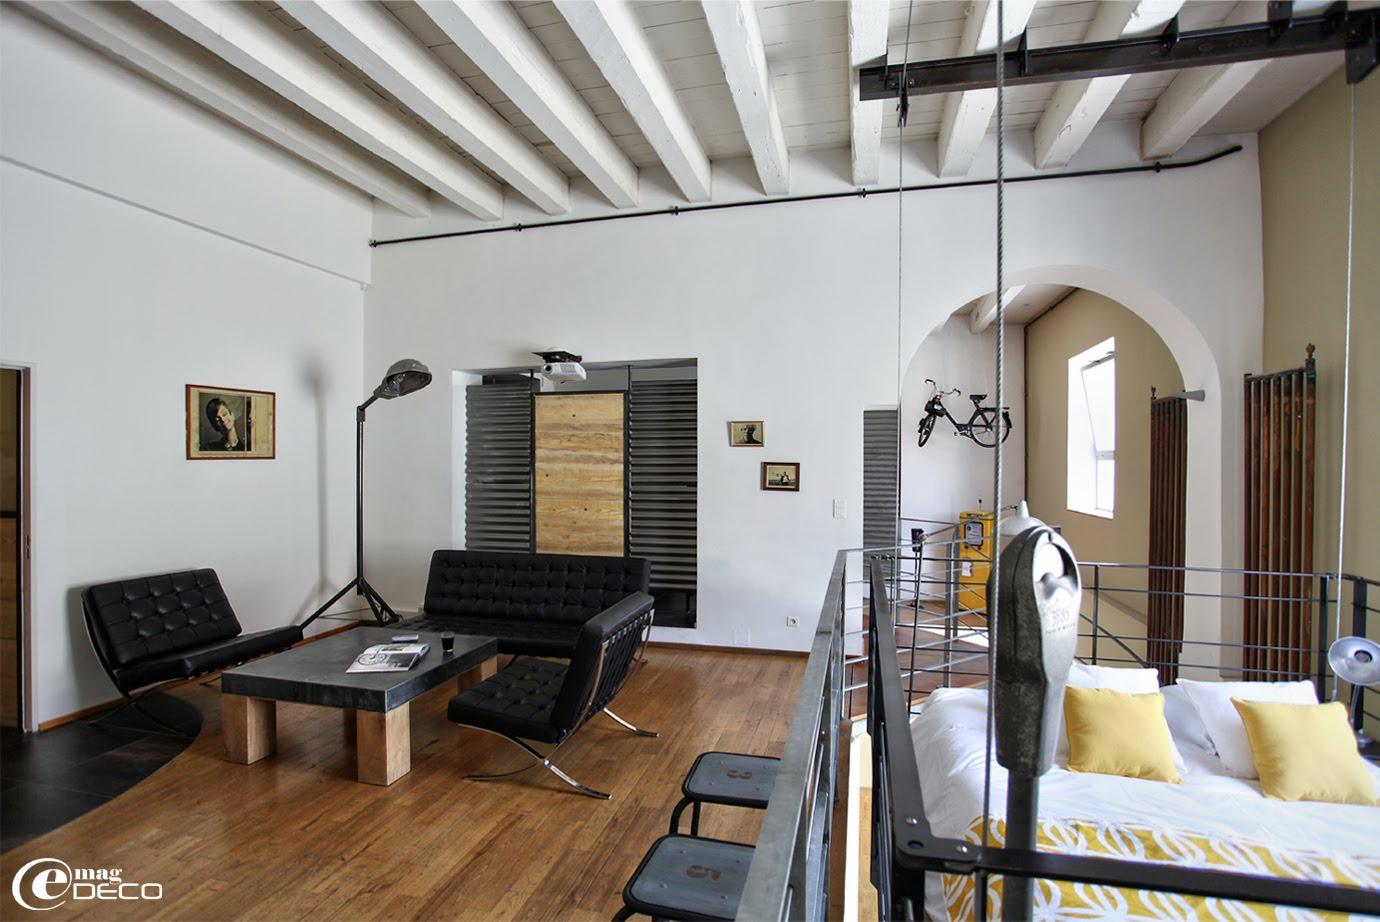 les lofts du vieux port e magdeco magazine de d coration. Black Bedroom Furniture Sets. Home Design Ideas